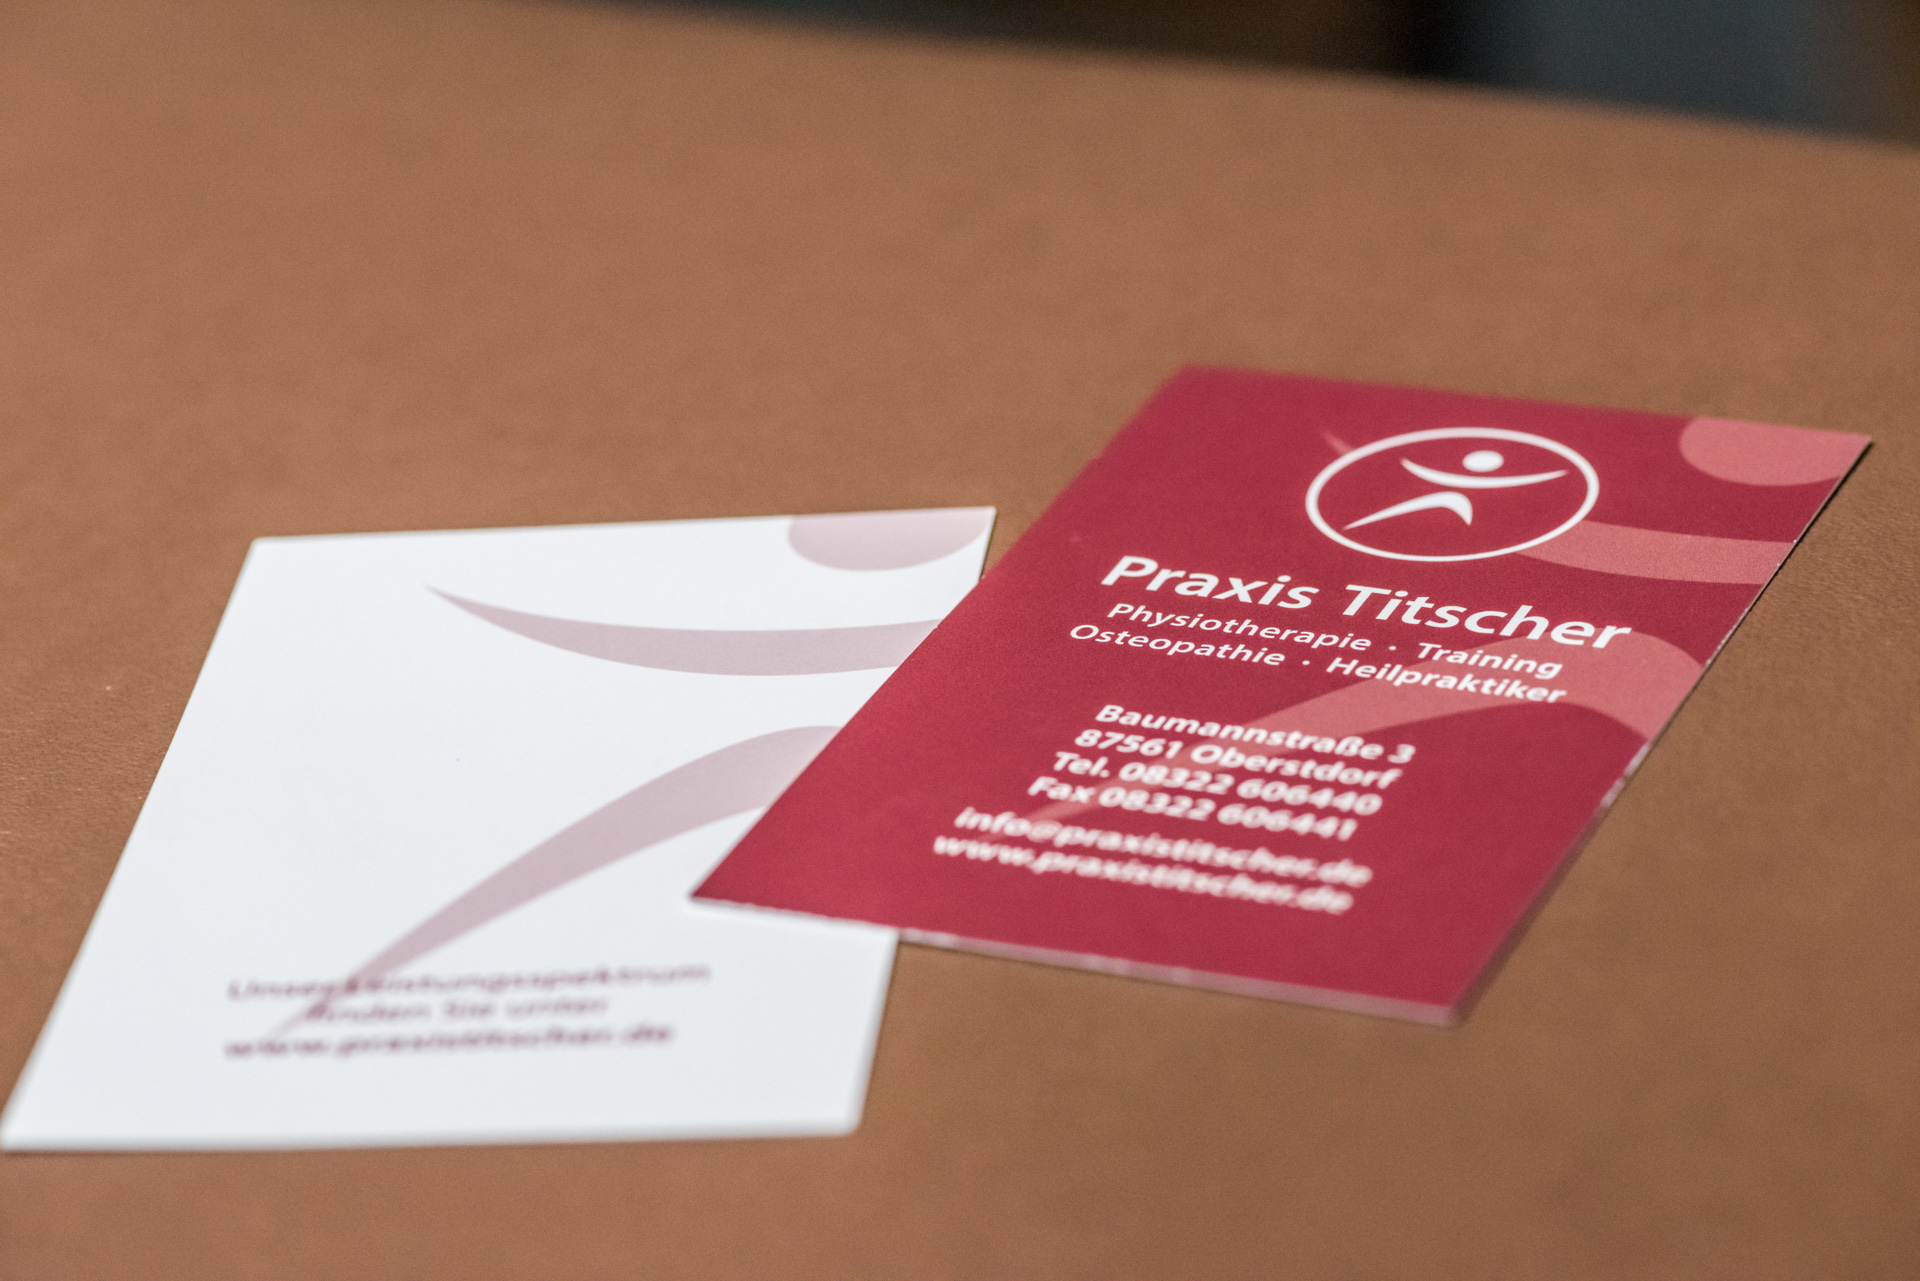 Imageflyer Und Visitenkarten Für Praxis Titscher Oberstdorf